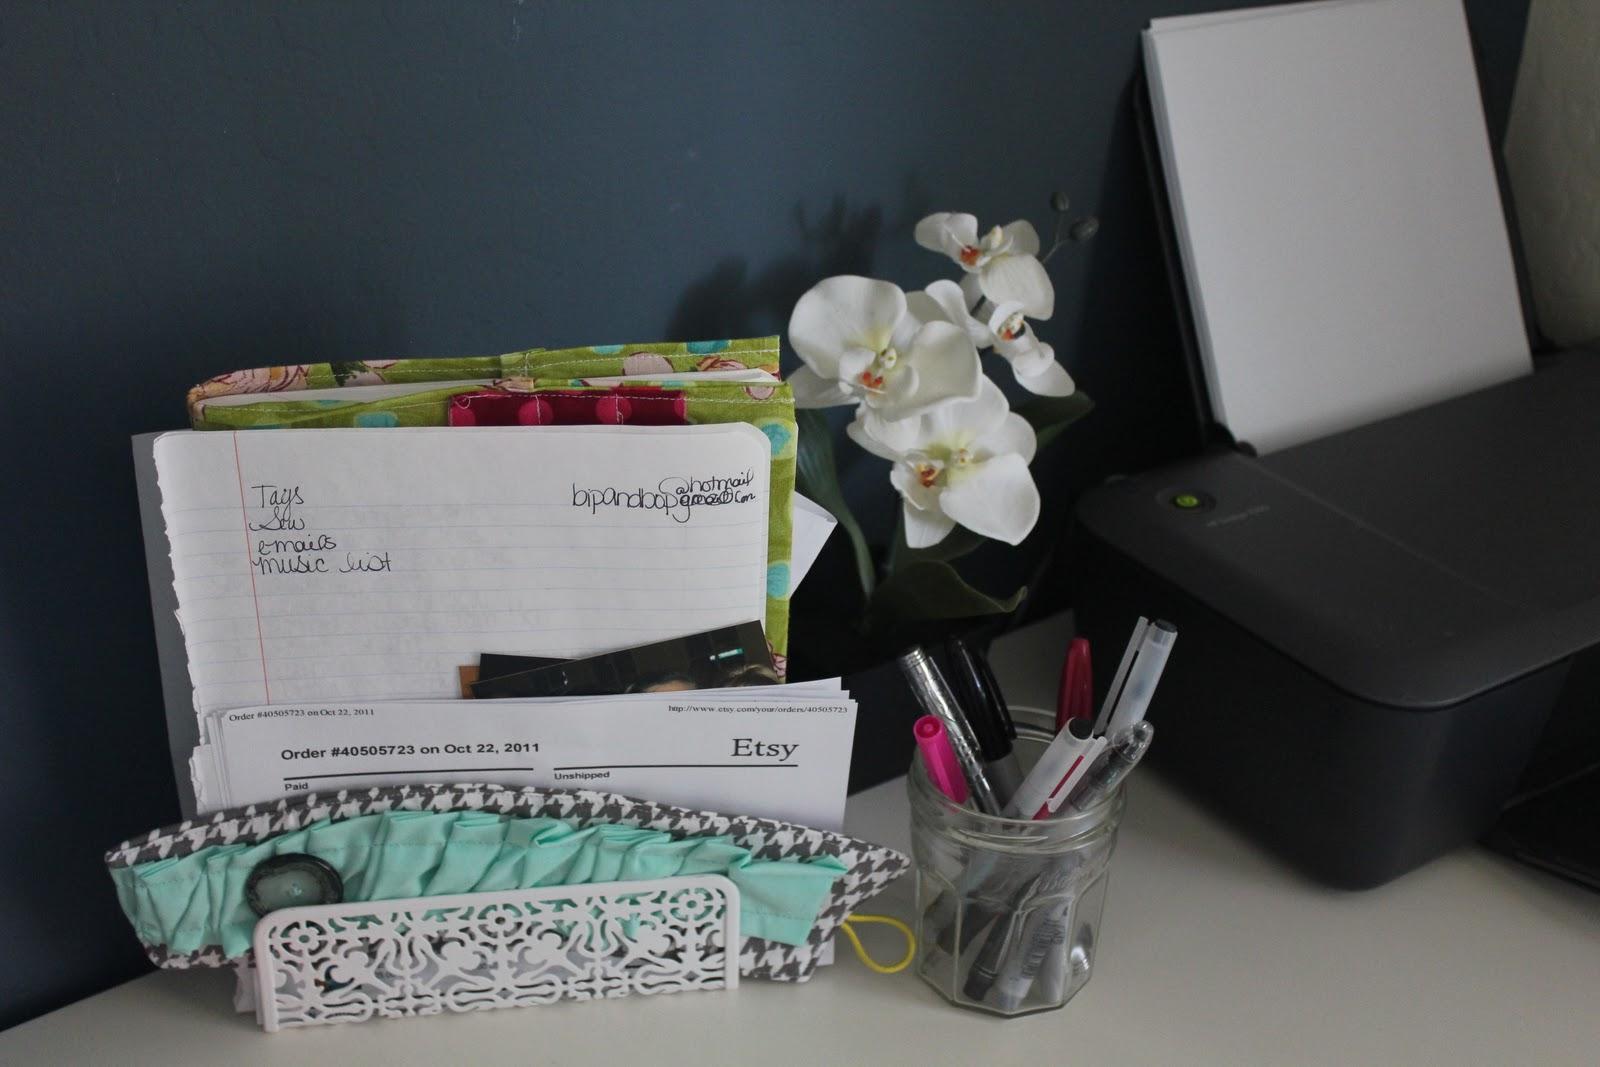 http://2.bp.blogspot.com/-s_IirZ1Ird4/Tr225HlhOiI/AAAAAAAAC_s/WrsXWDsl1vw/s1600/Flowers+038.jpg